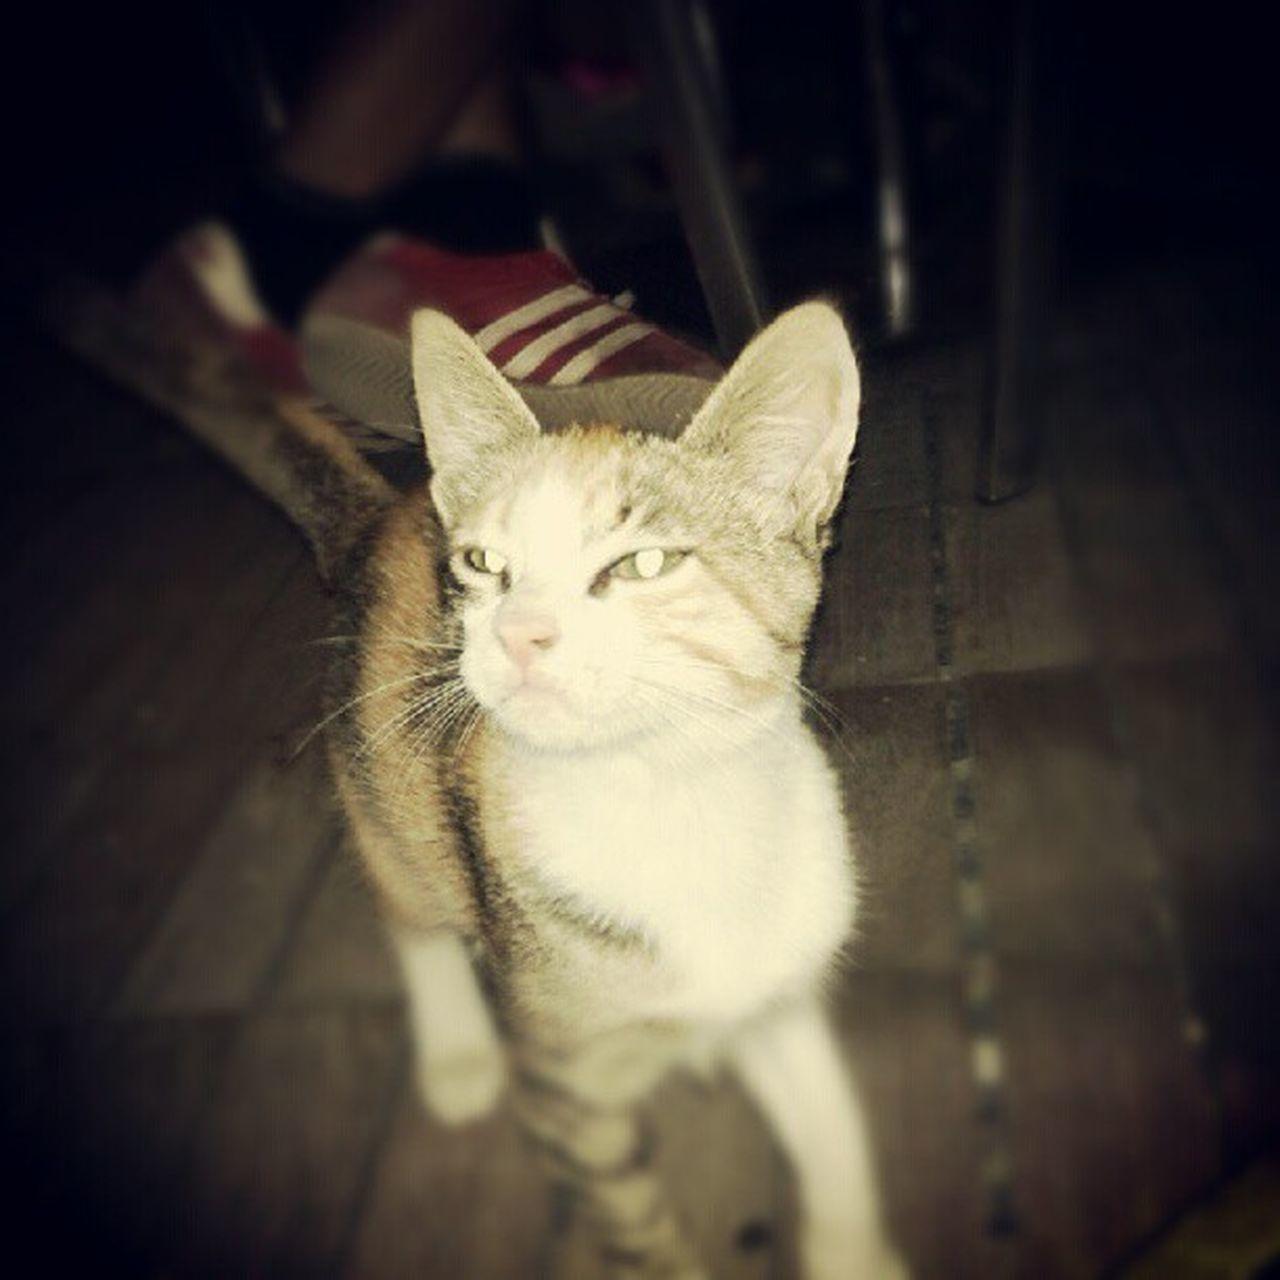 Kitty LikeABOSS